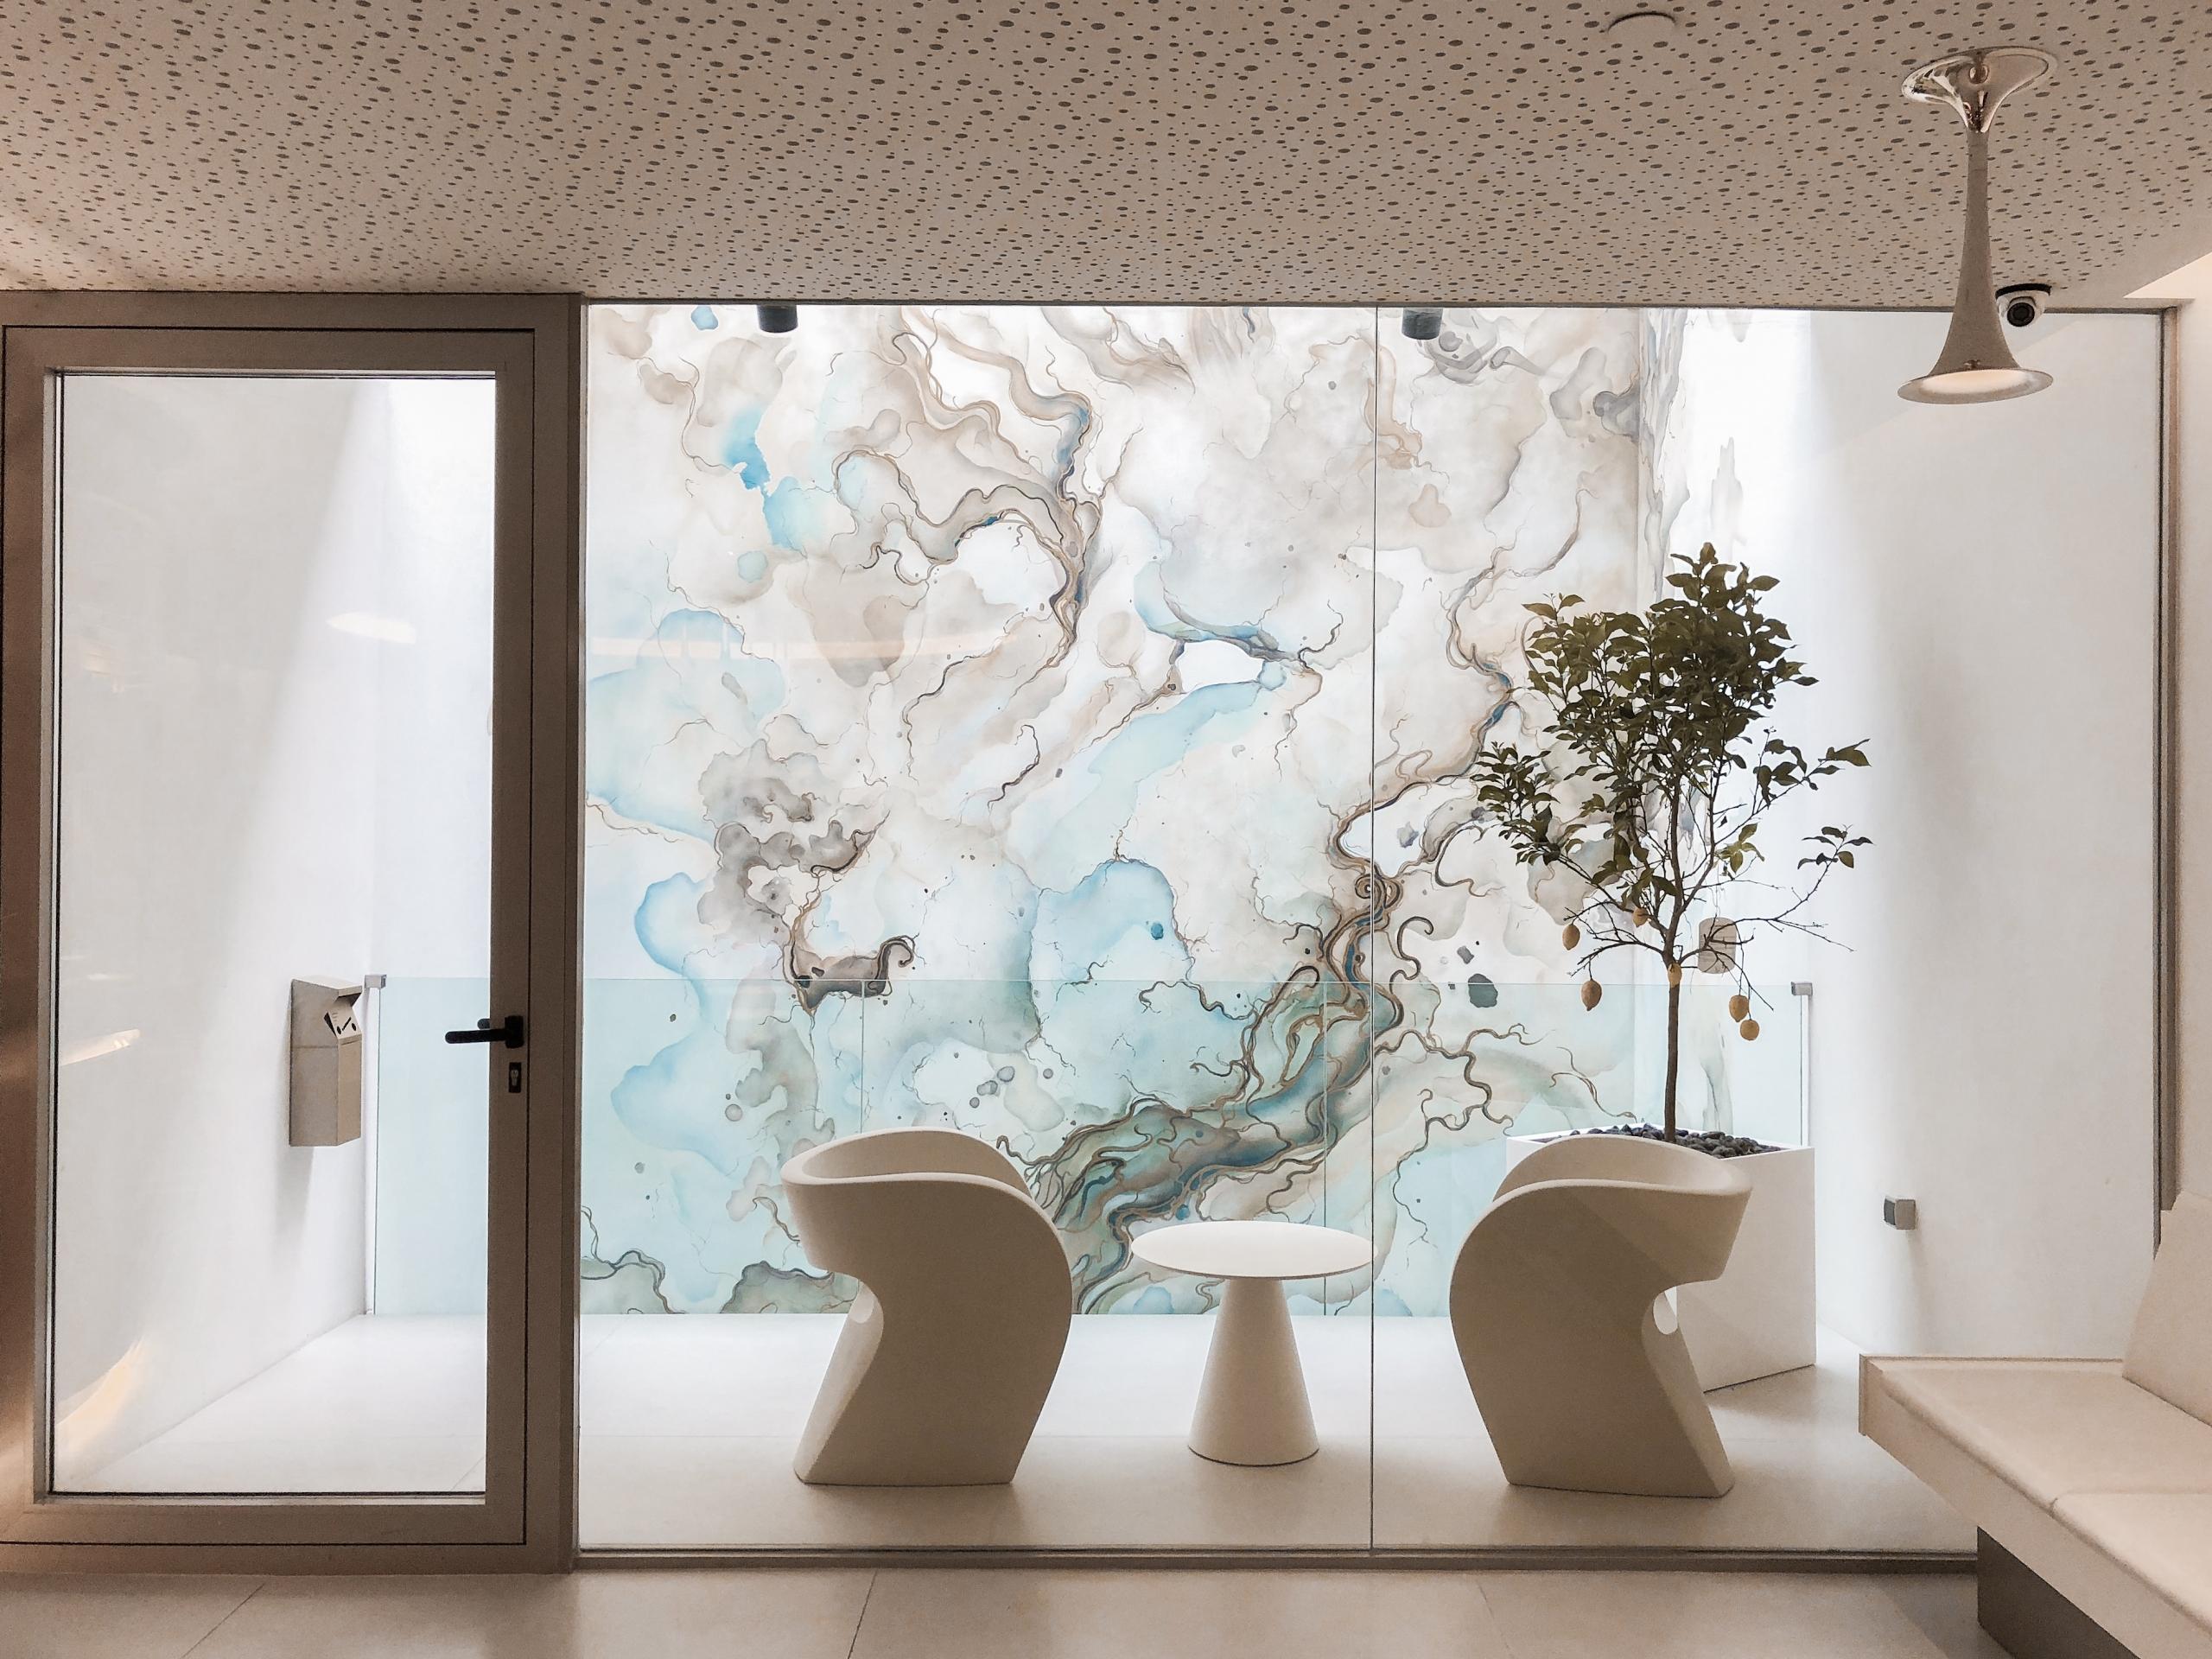 Mural pintado a mano con motivo abstracto elegante